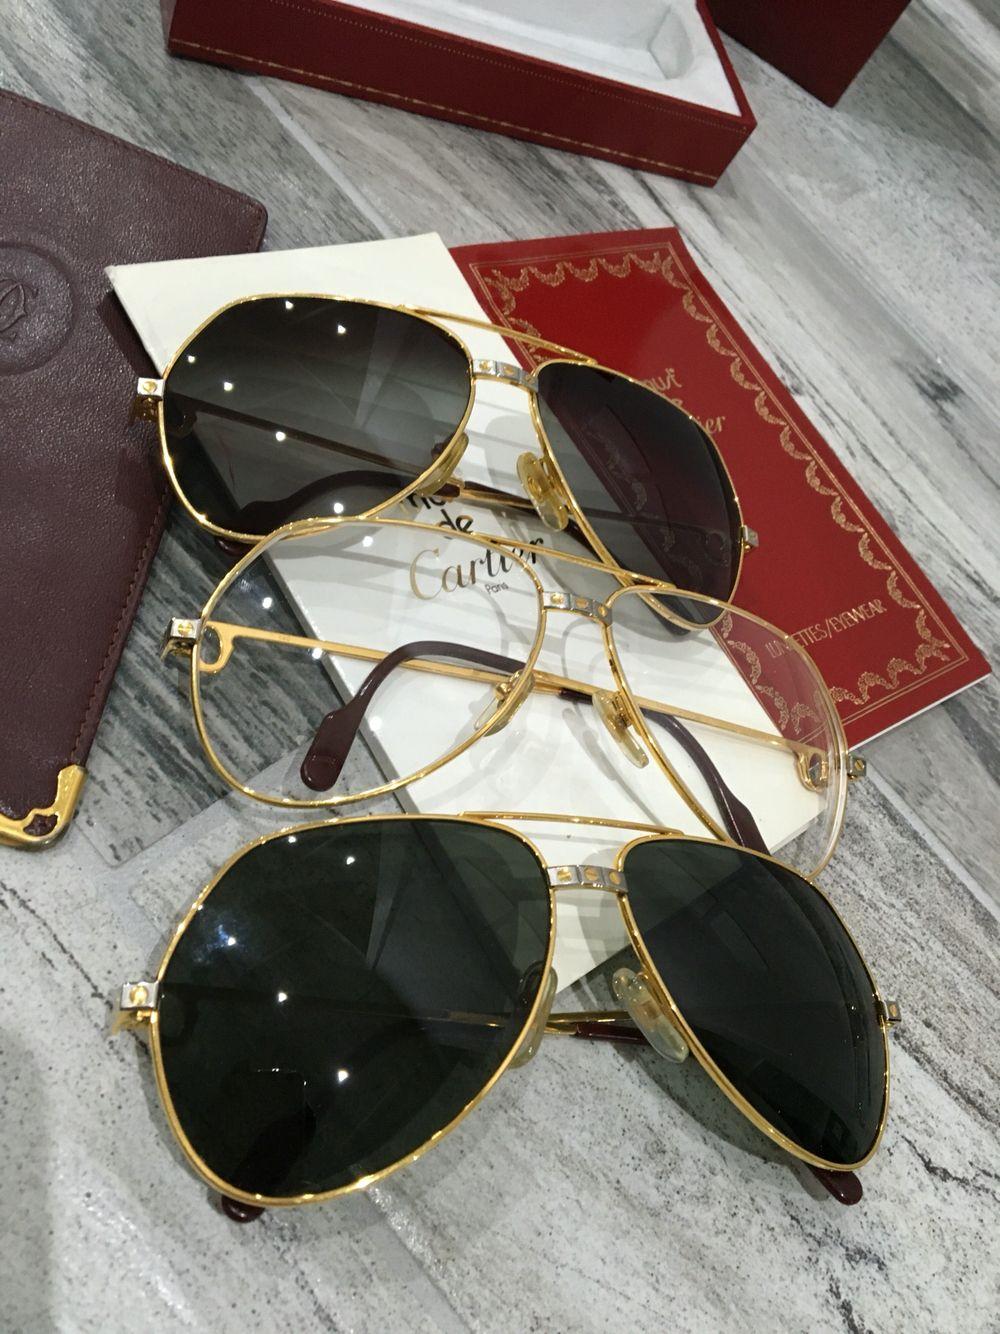 e6cc55b1907d5a Must de Cartier Santos Vendome occhiali taglie 59-14 e 62 14 corredo  completo